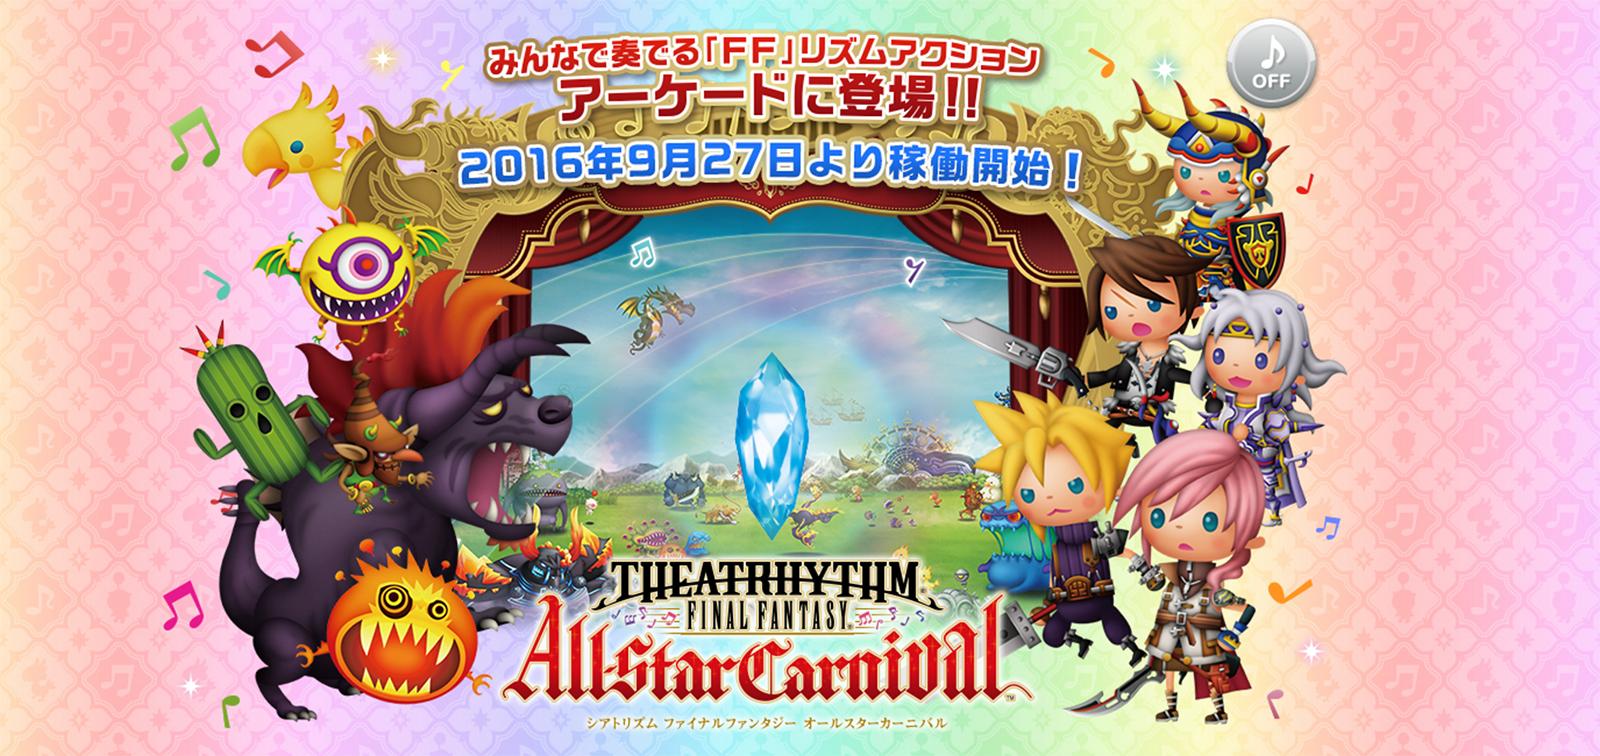 theatrhythm_final_fantasy_allstar_carnival.jpg